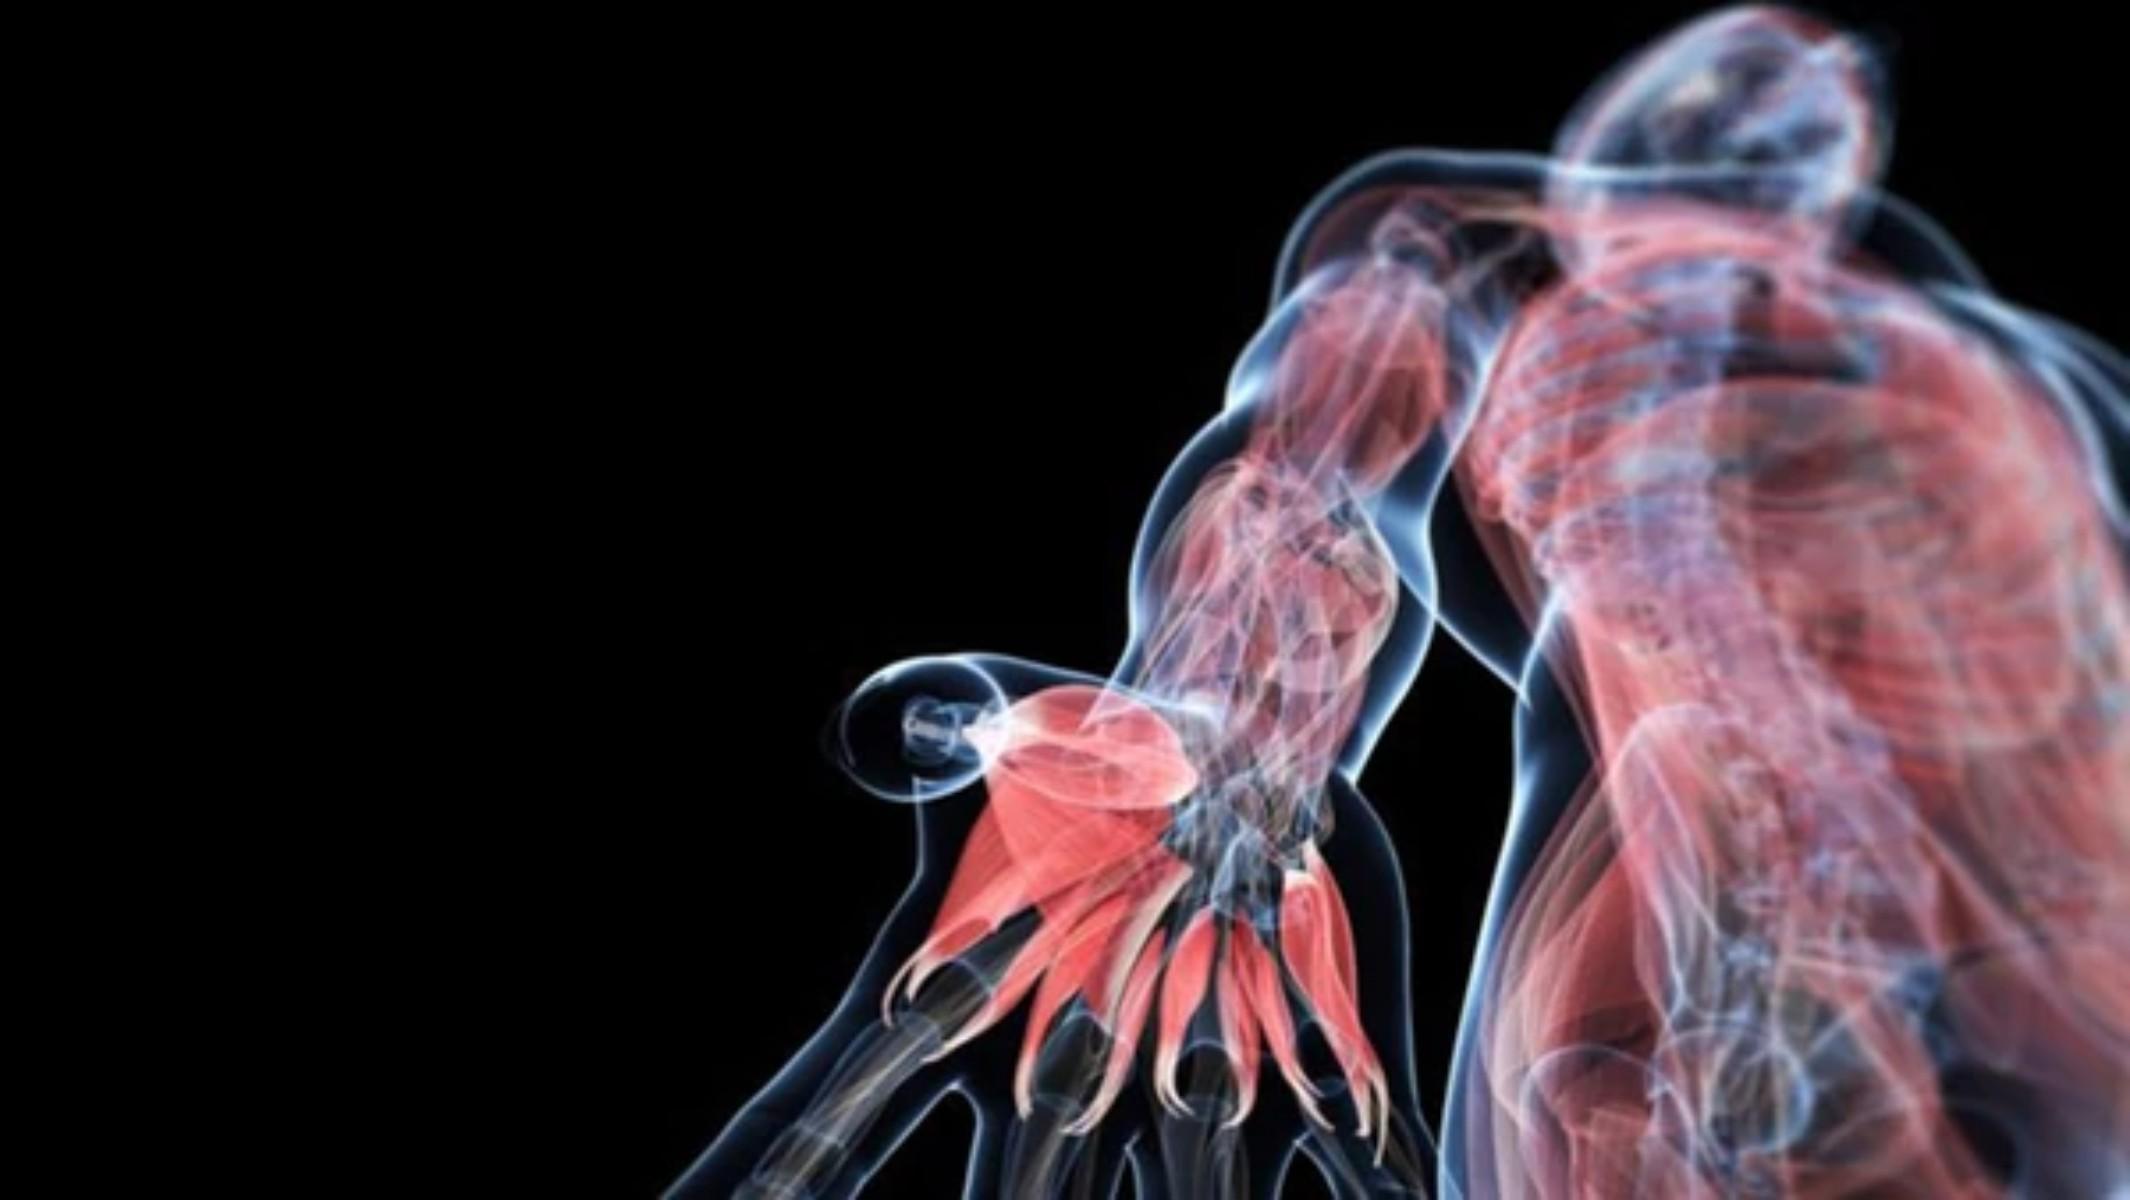 Magnífico Lado Grises Carrete Anatomía Fotos - Anatomía de Las ...